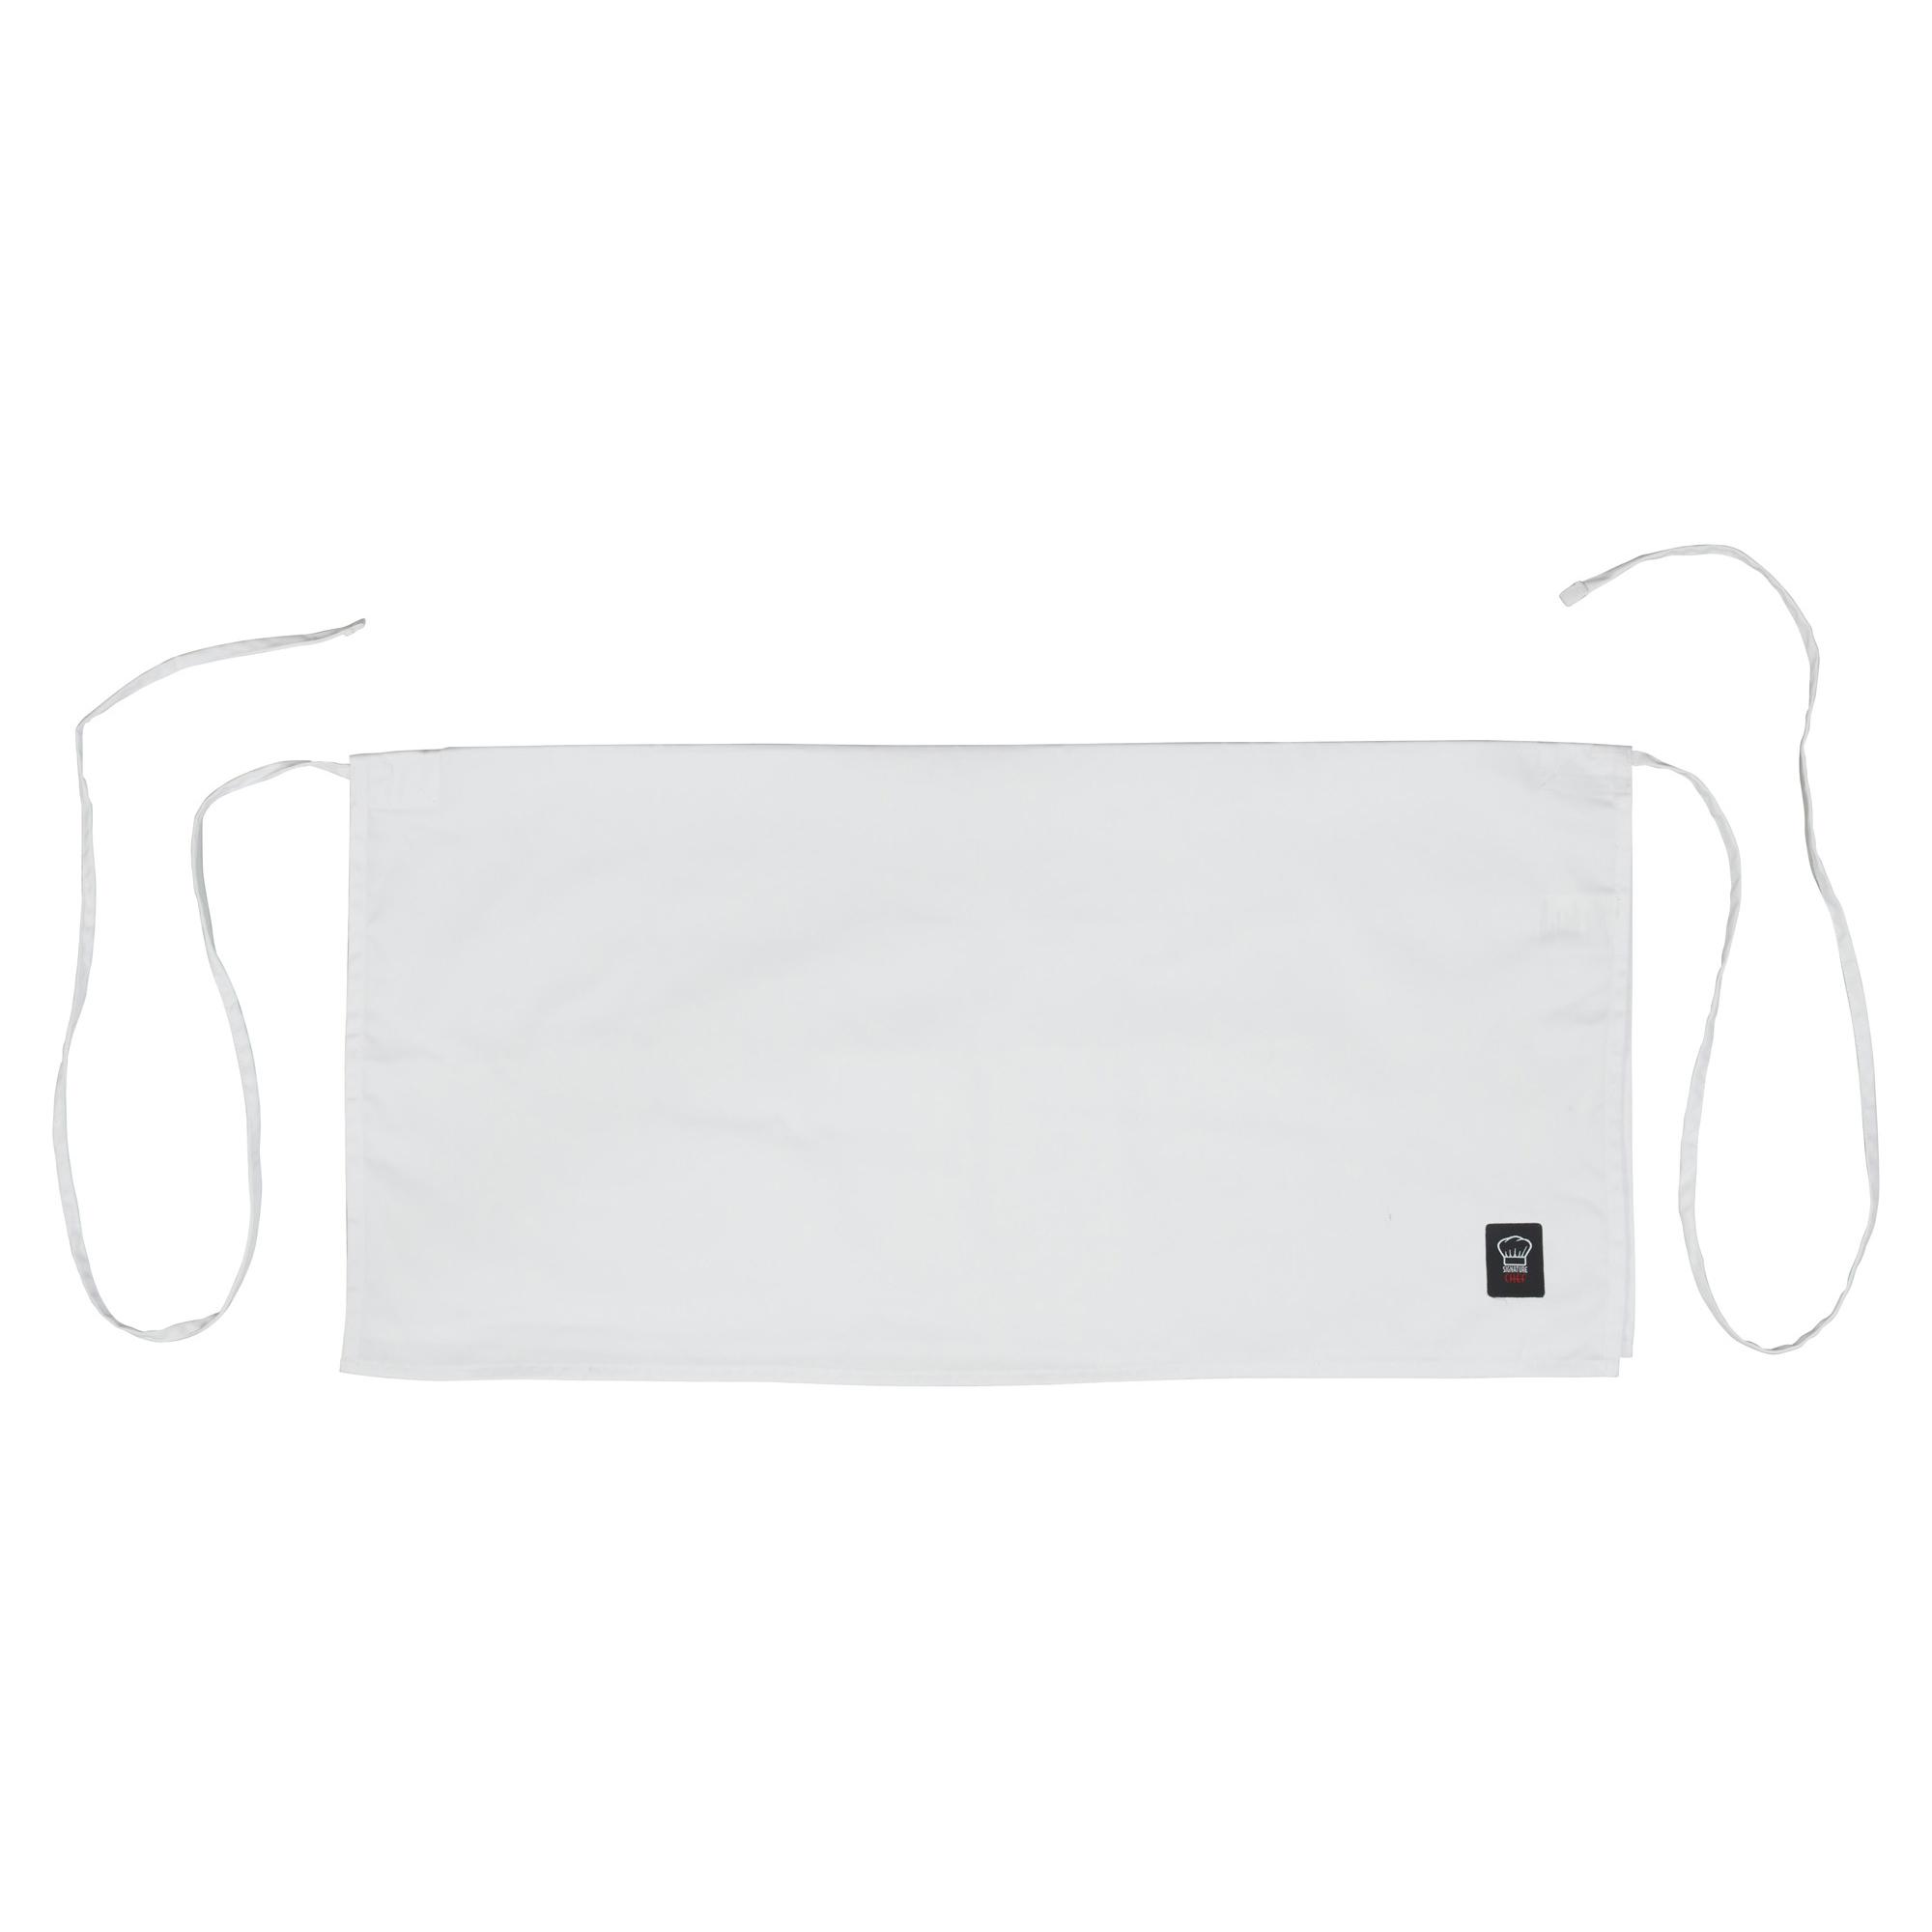 Winco WA4-3417W waist apron